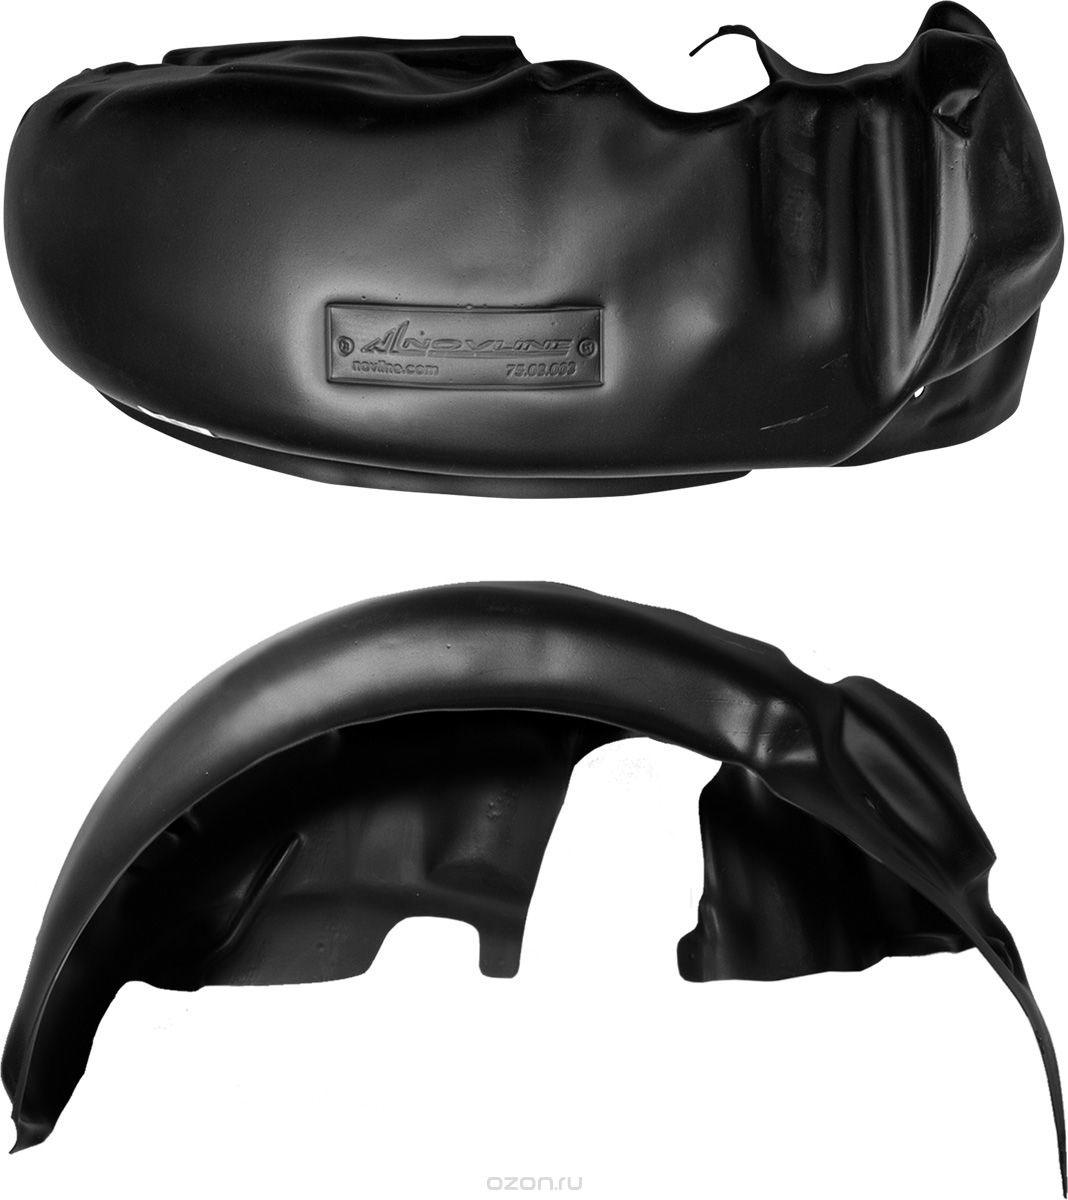 Подкрылок Novline-Autofamily, для Nissan Tiida, 03/2015->, хэтчбек, задний правыйNLL.36.49.004Идеальная защита колесной ниши. Локеры разработаны с применением цифровых технологий, гарантируют максимальную повторяемость поверхности арки. Изделия устанавливаются без нарушения лакокрасочного покрытия автомобиля, каждый подкрылок комплектуется крепежом. Уважаемые клиенты, обращаем ваше внимание, что фотографии на подкрылки универсальные и не отражают реальную форму изделия. При этом само изделие идет точно под размер указанного автомобиля.